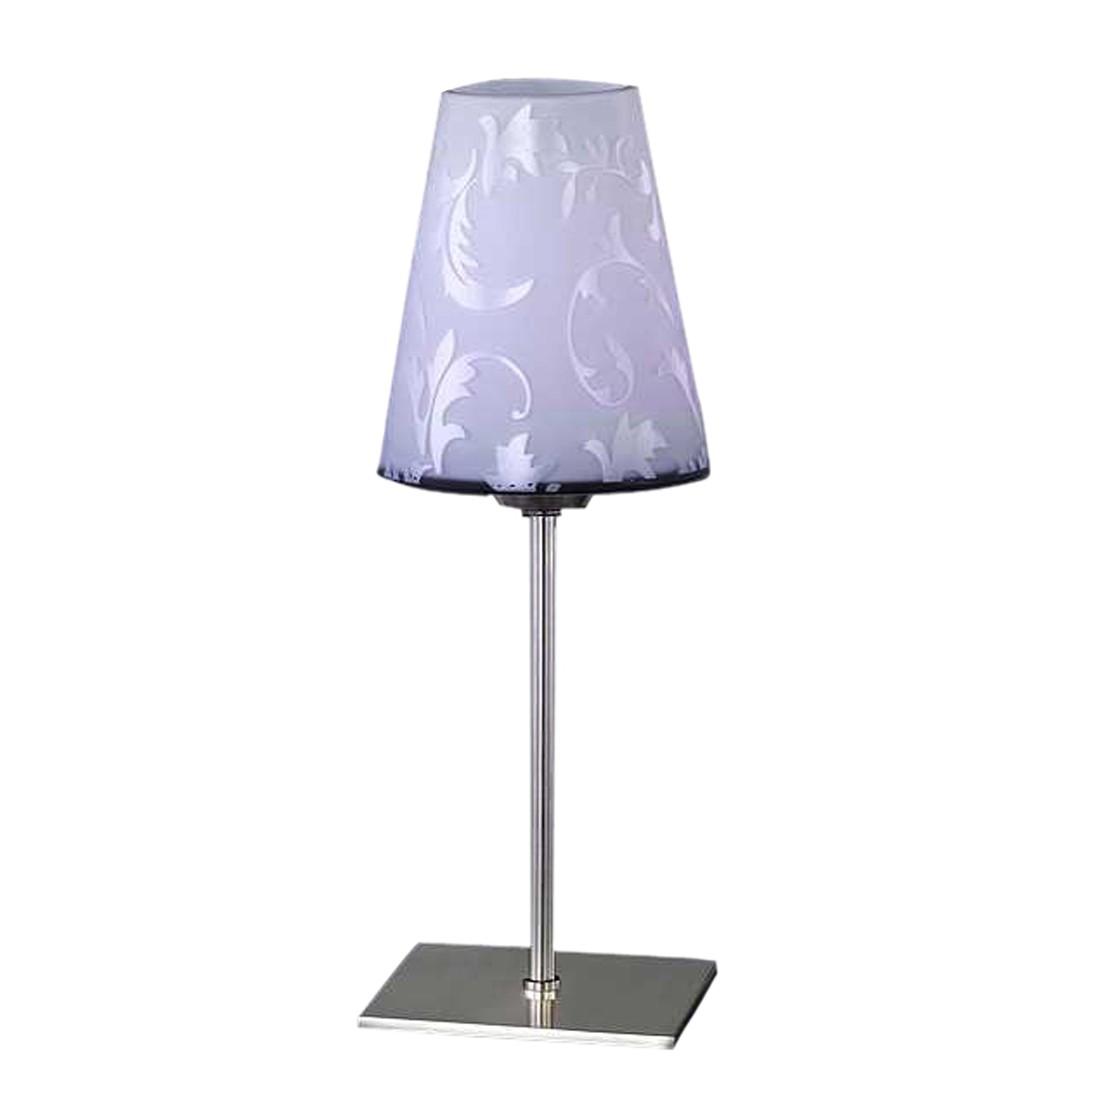 energie  A++, Tafellamp Flora - mat nikkel/glas met bloemenmotief - met handschakelaar - spaarlamp - met 1 lichtbron, Wofi